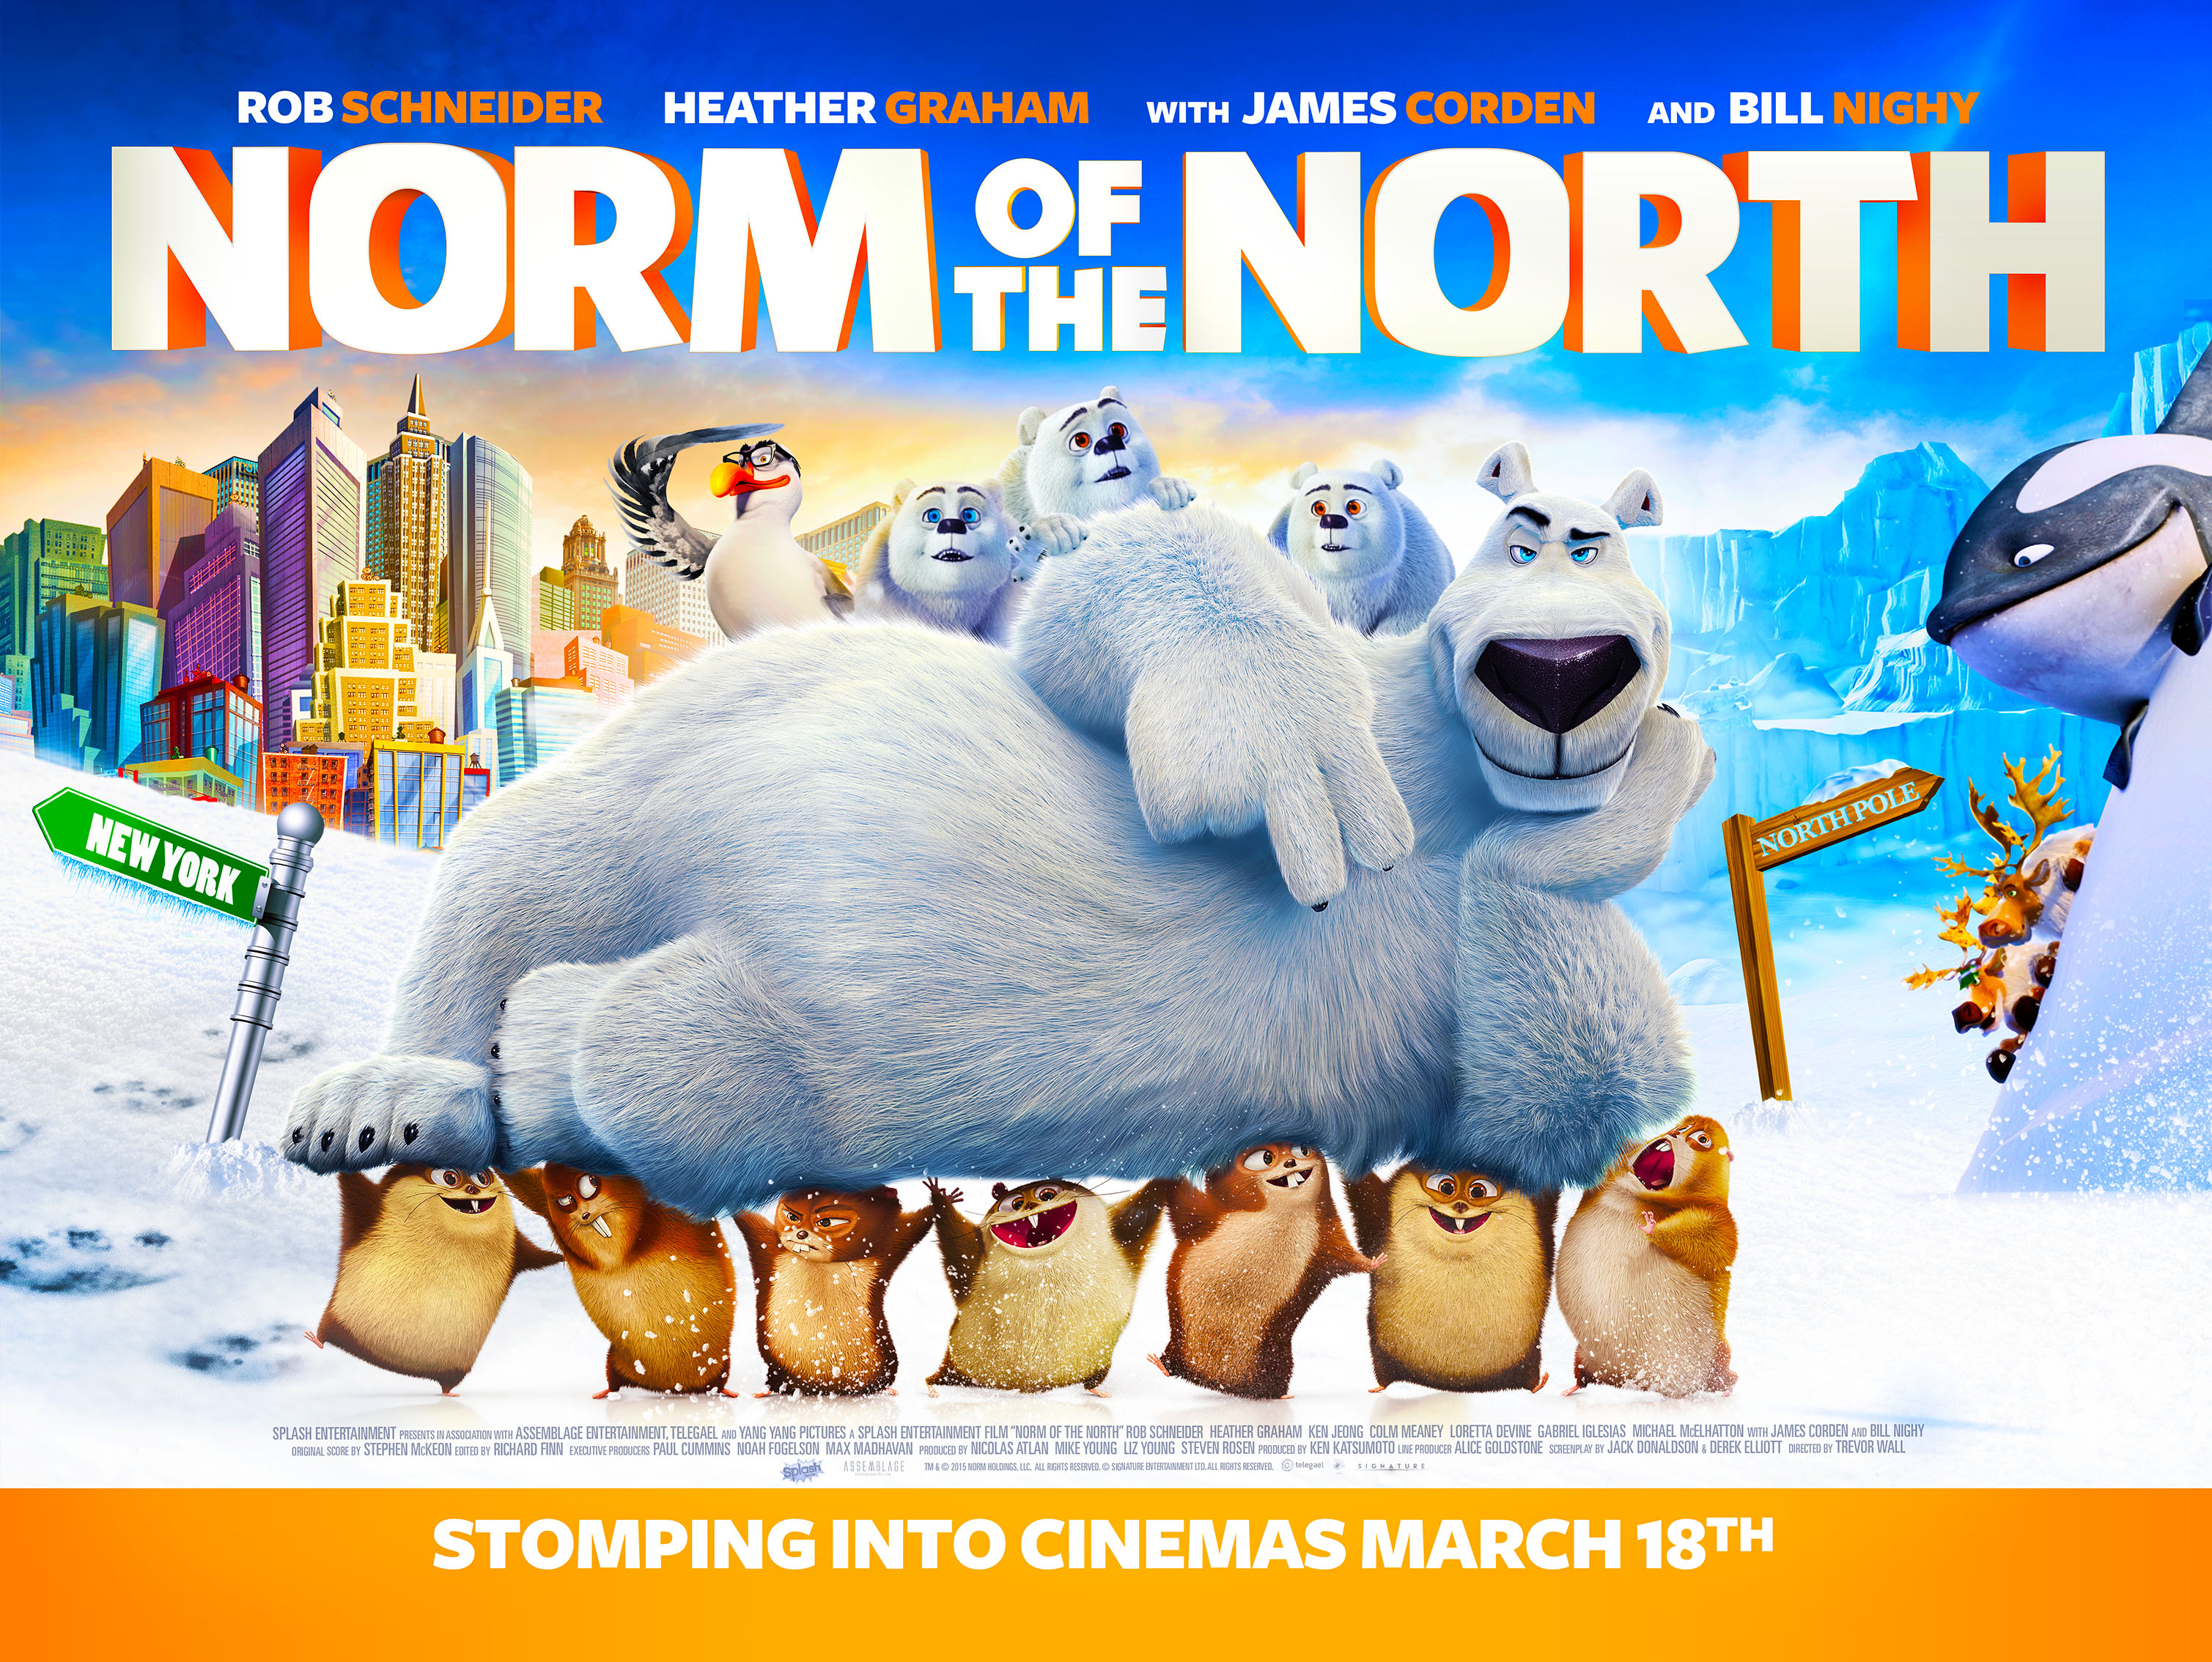 NORM_PF_THE_NORTH_QUAD_V0p FINAL